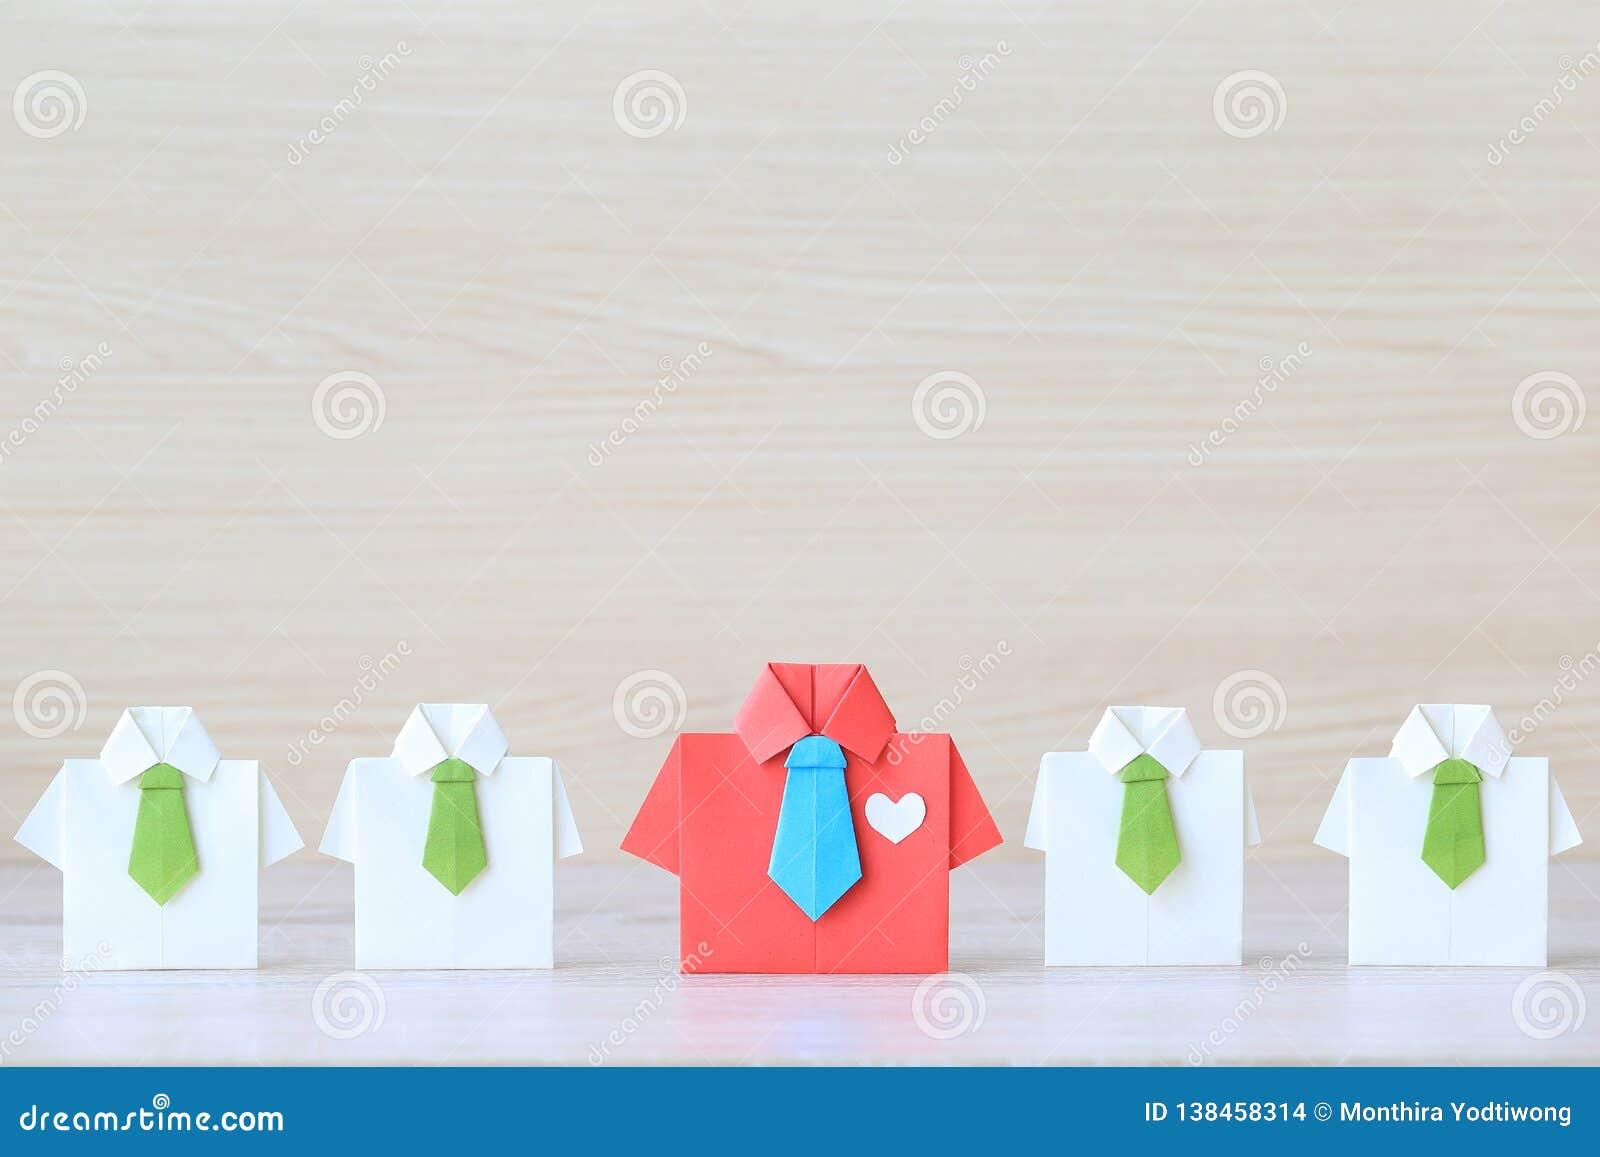 Führung und Teamwork-Konzept, rotes Hemd des Origamis mit Bindung und Führung unter kleinem gelbem Hemd auf wooder Hintergrund